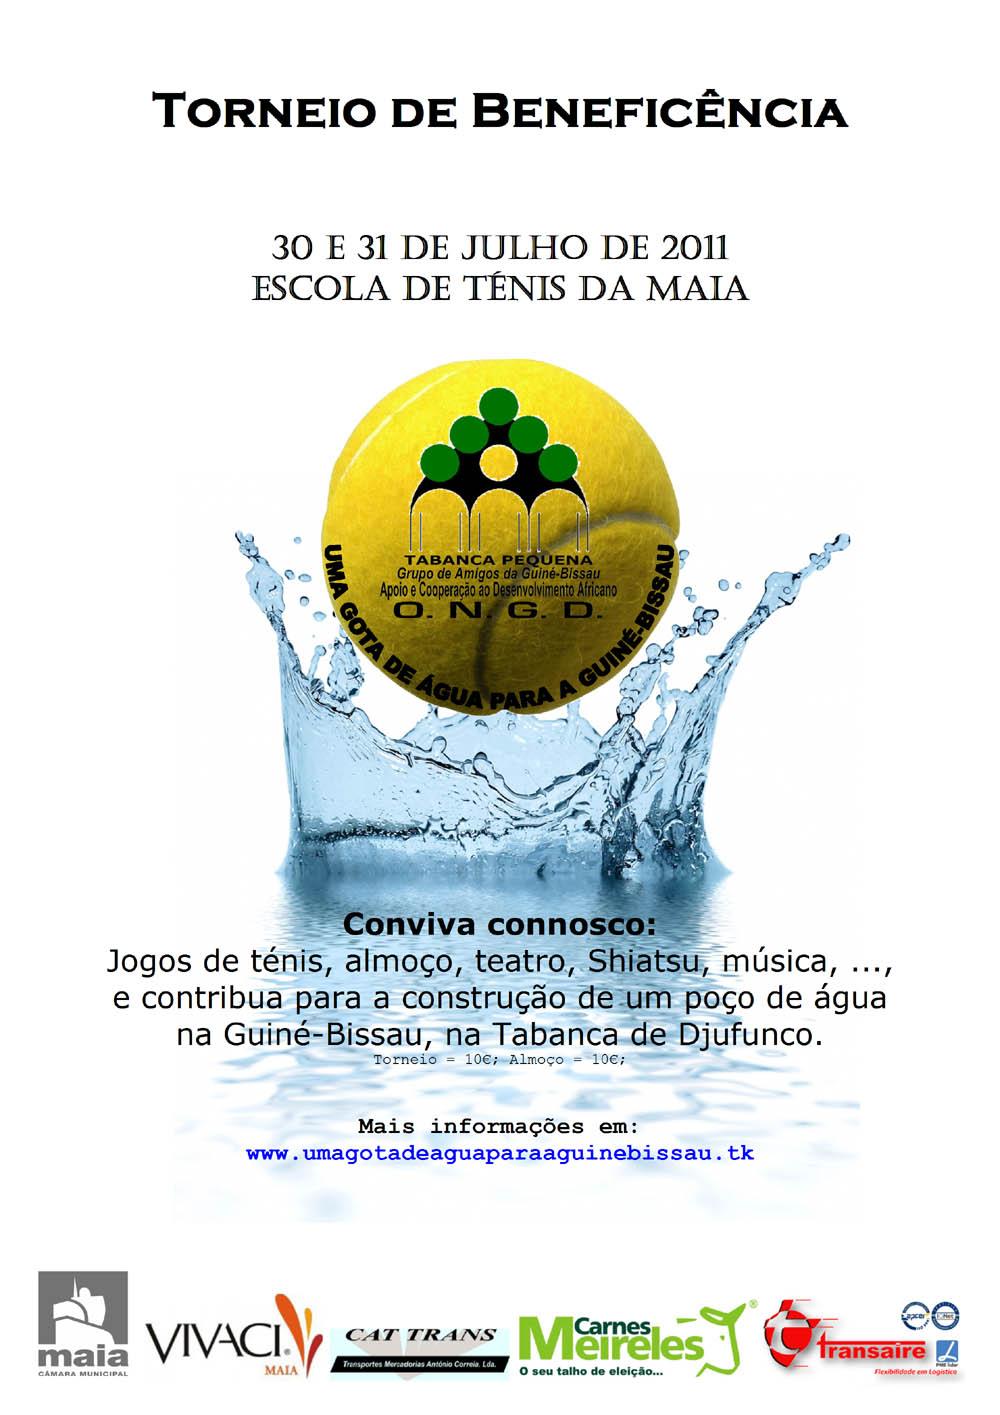 Tabanca de Matosinhos & Camaradas da Guiné: P568- SEMENTES E